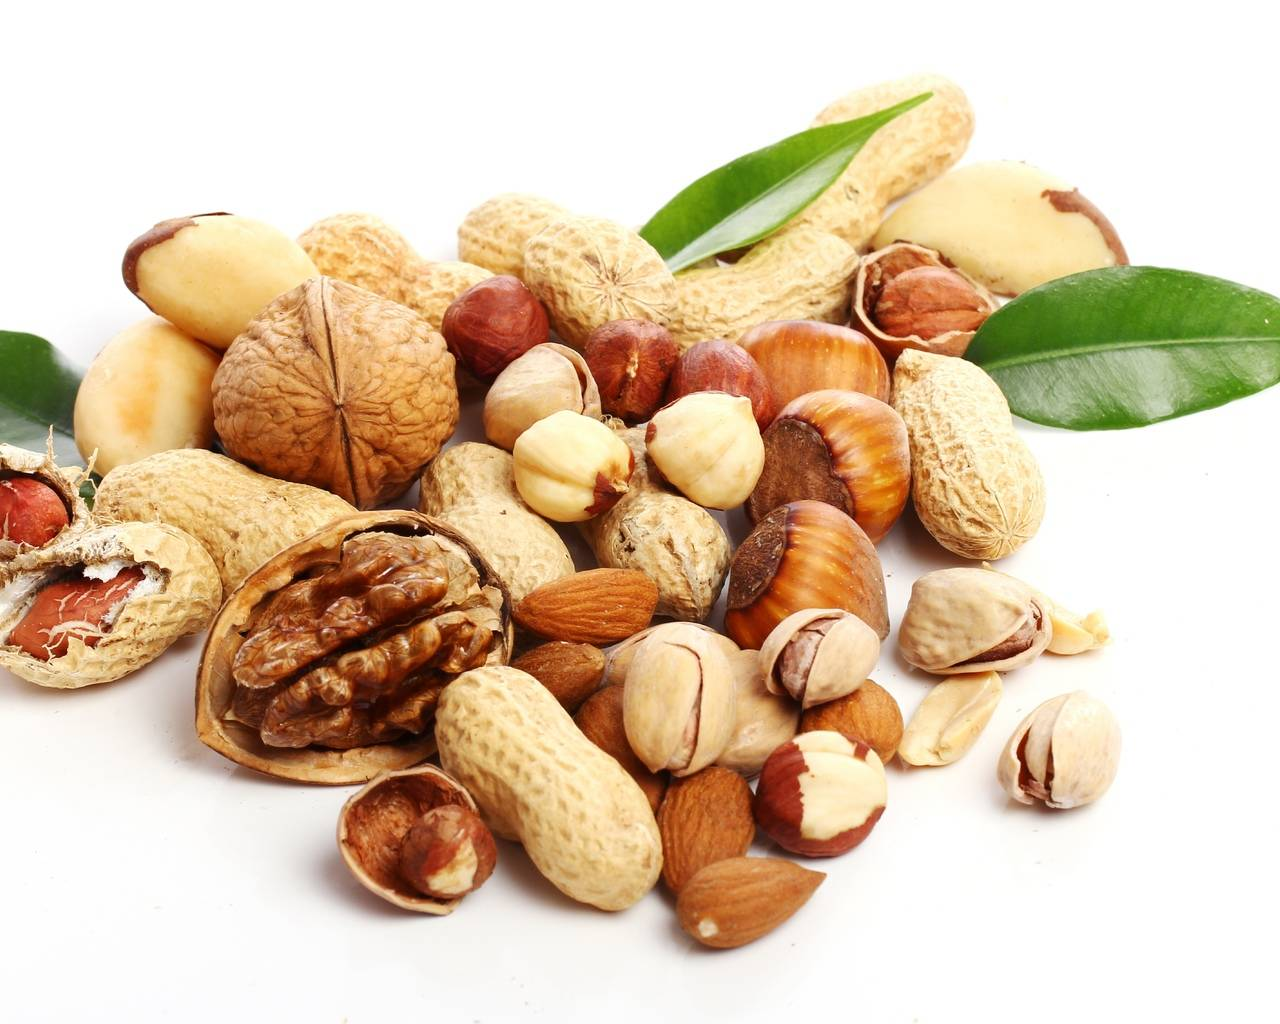 Как правильно худеть на грецких орехах?